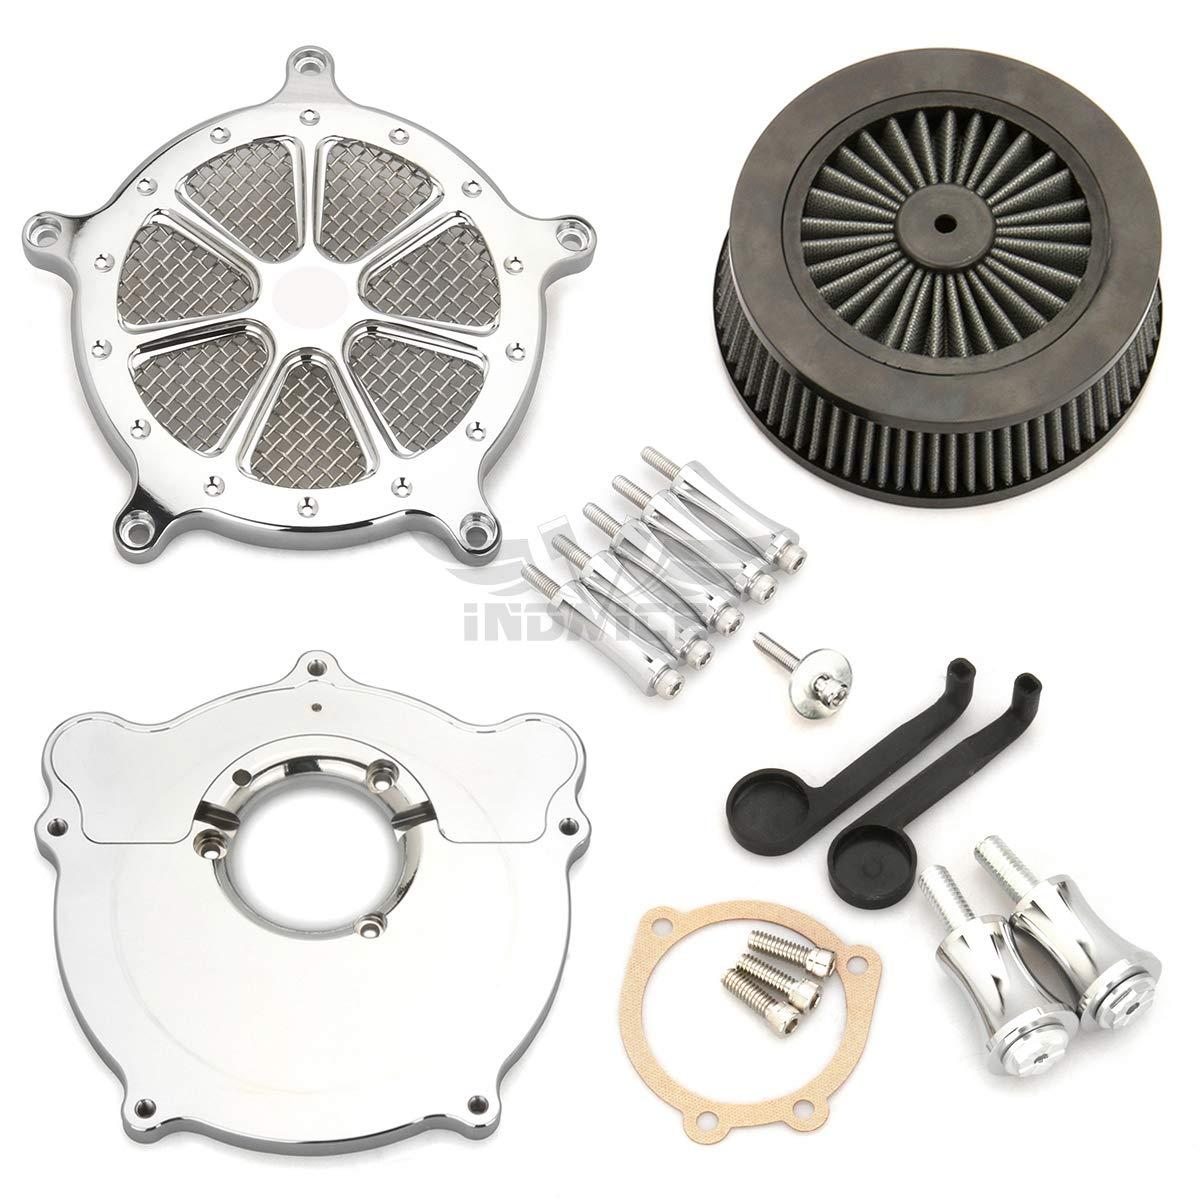 Cubierta del filtro de aire cromado Dyna 93-17 tomas de aire softail FLS 93-15 tomas de aire girando FLHR FLHX FLHT 93-07